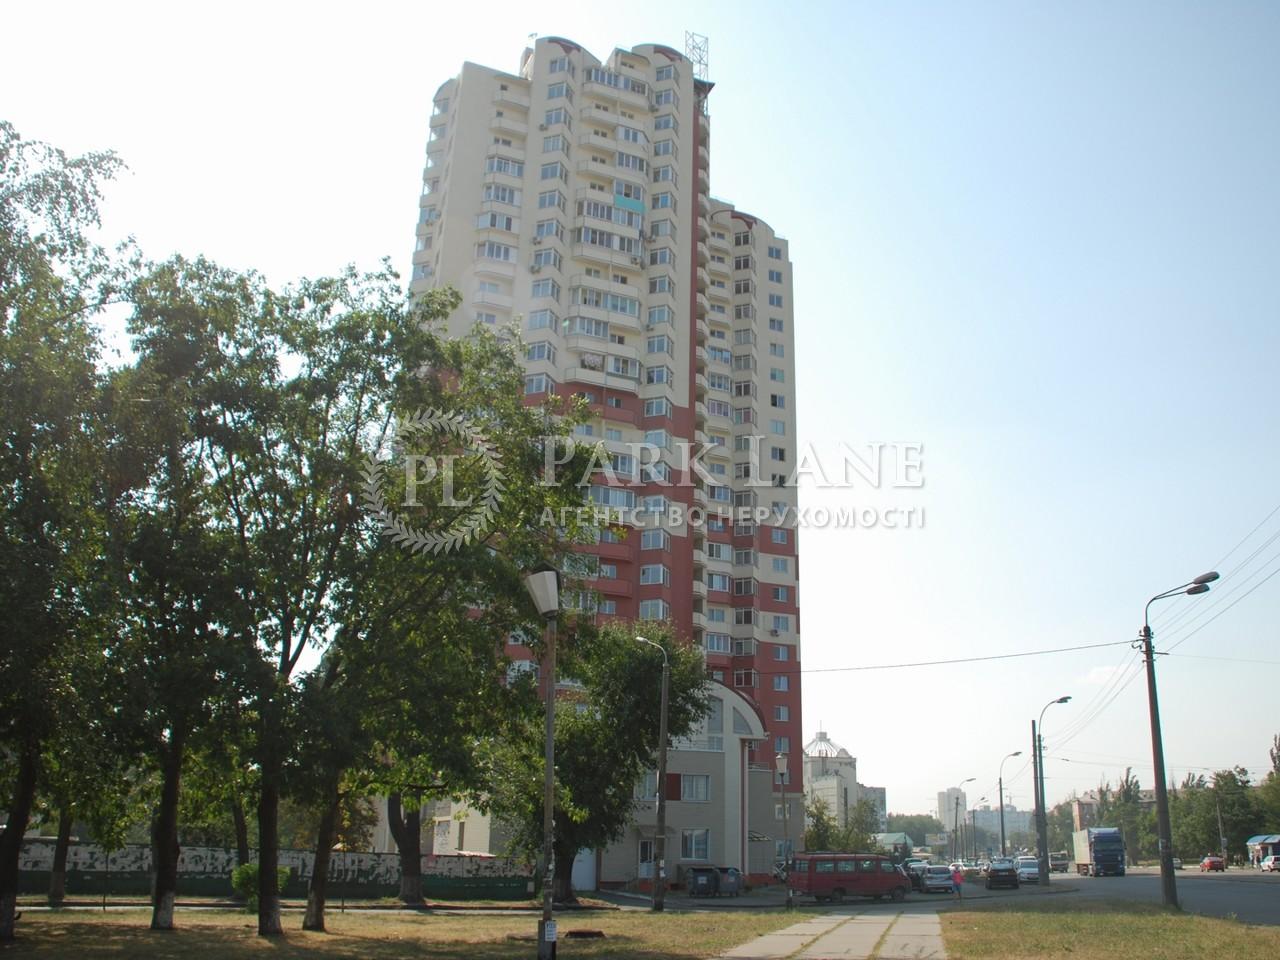 Квартира вул. Бориспільська, 4, Київ, D-37178 - Фото 1